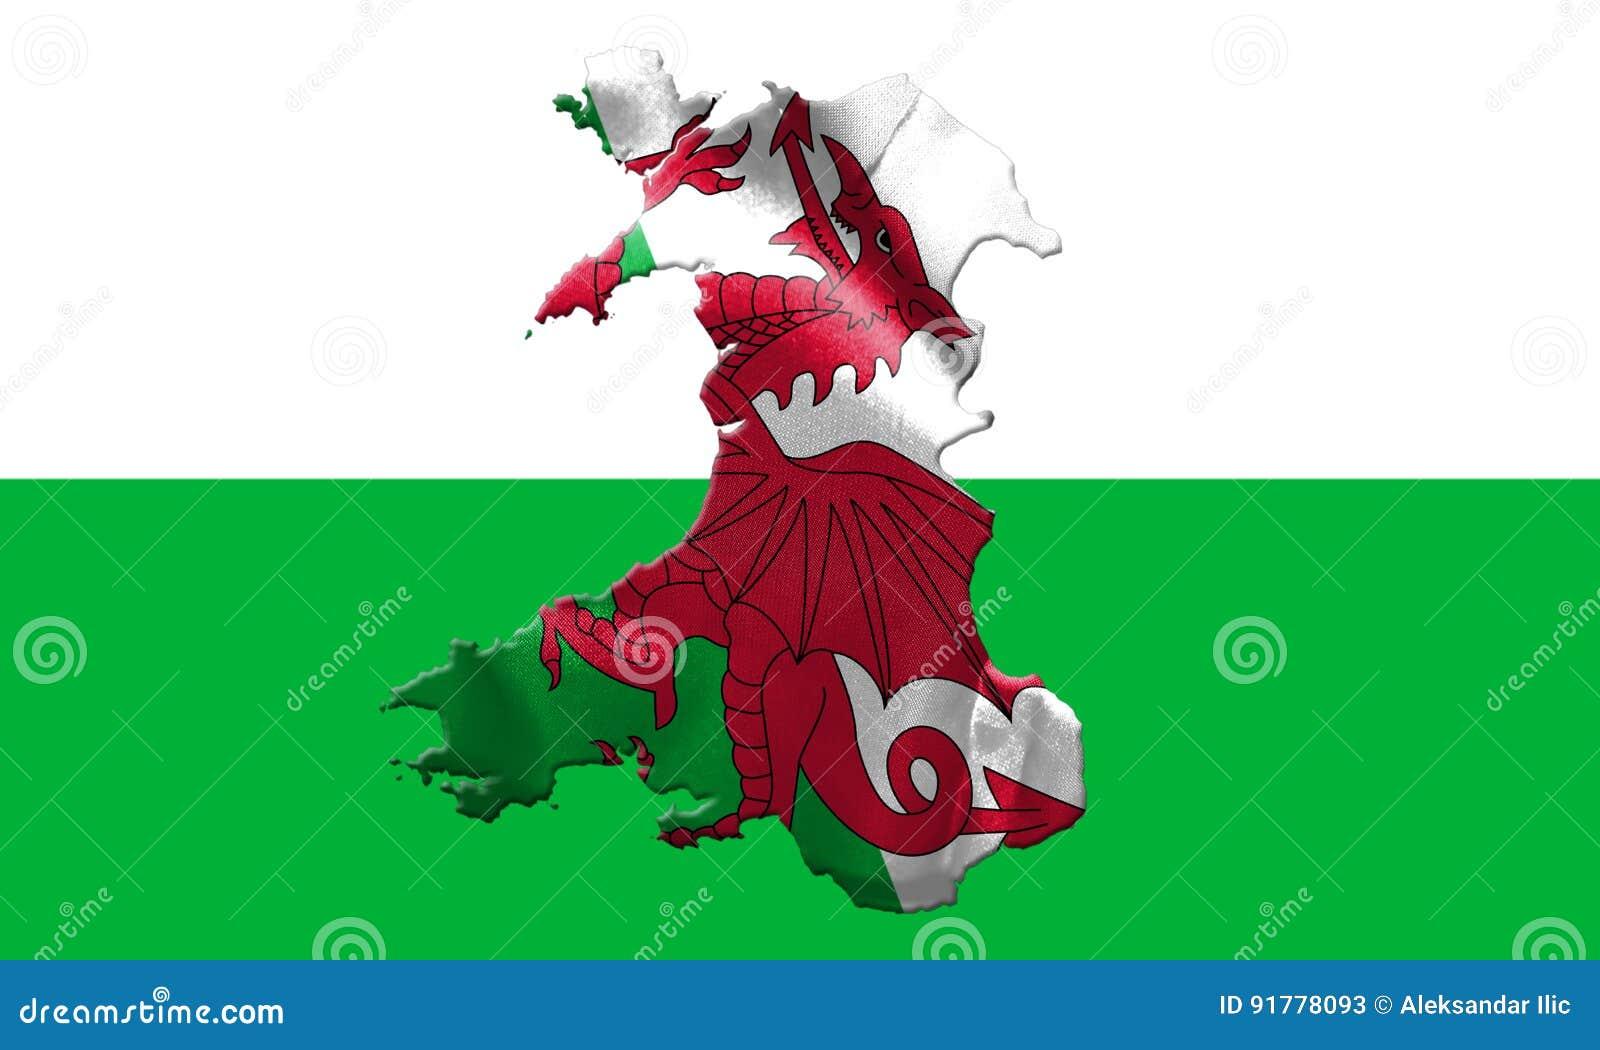 Drapeau national du Pays de Galles avec le nom du pays là-dessus illustration 3D